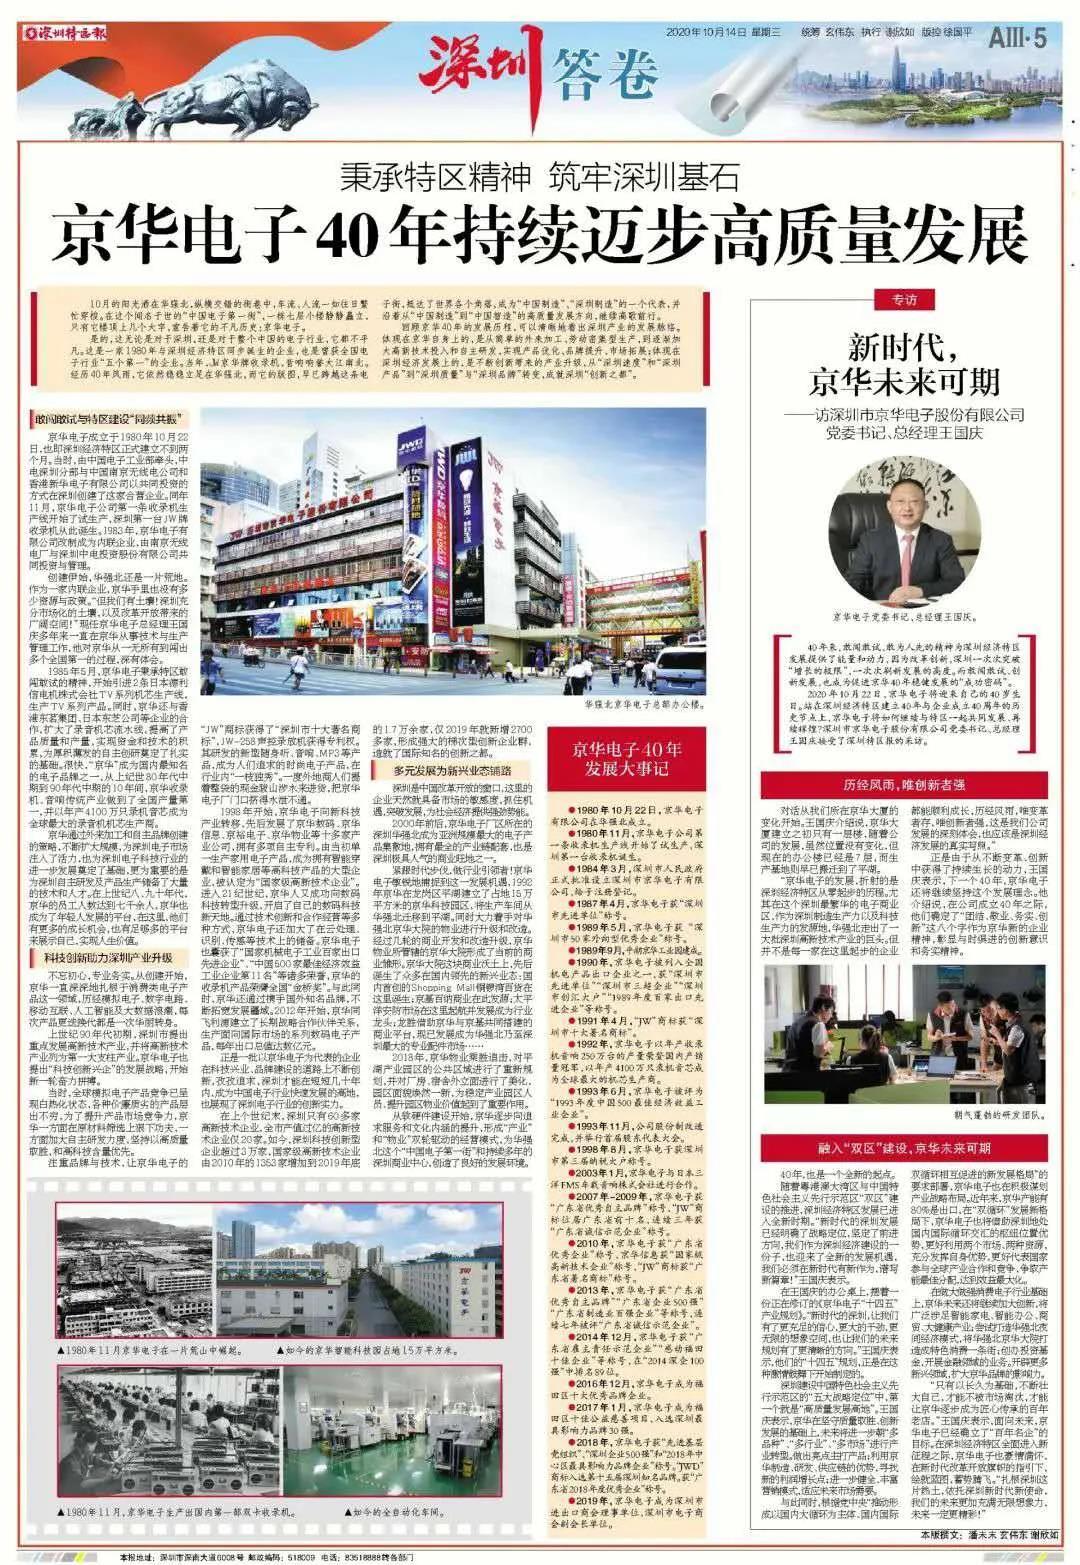 献礼特区40周年,深圳特区报长篇报道中电信息旗下京华电子